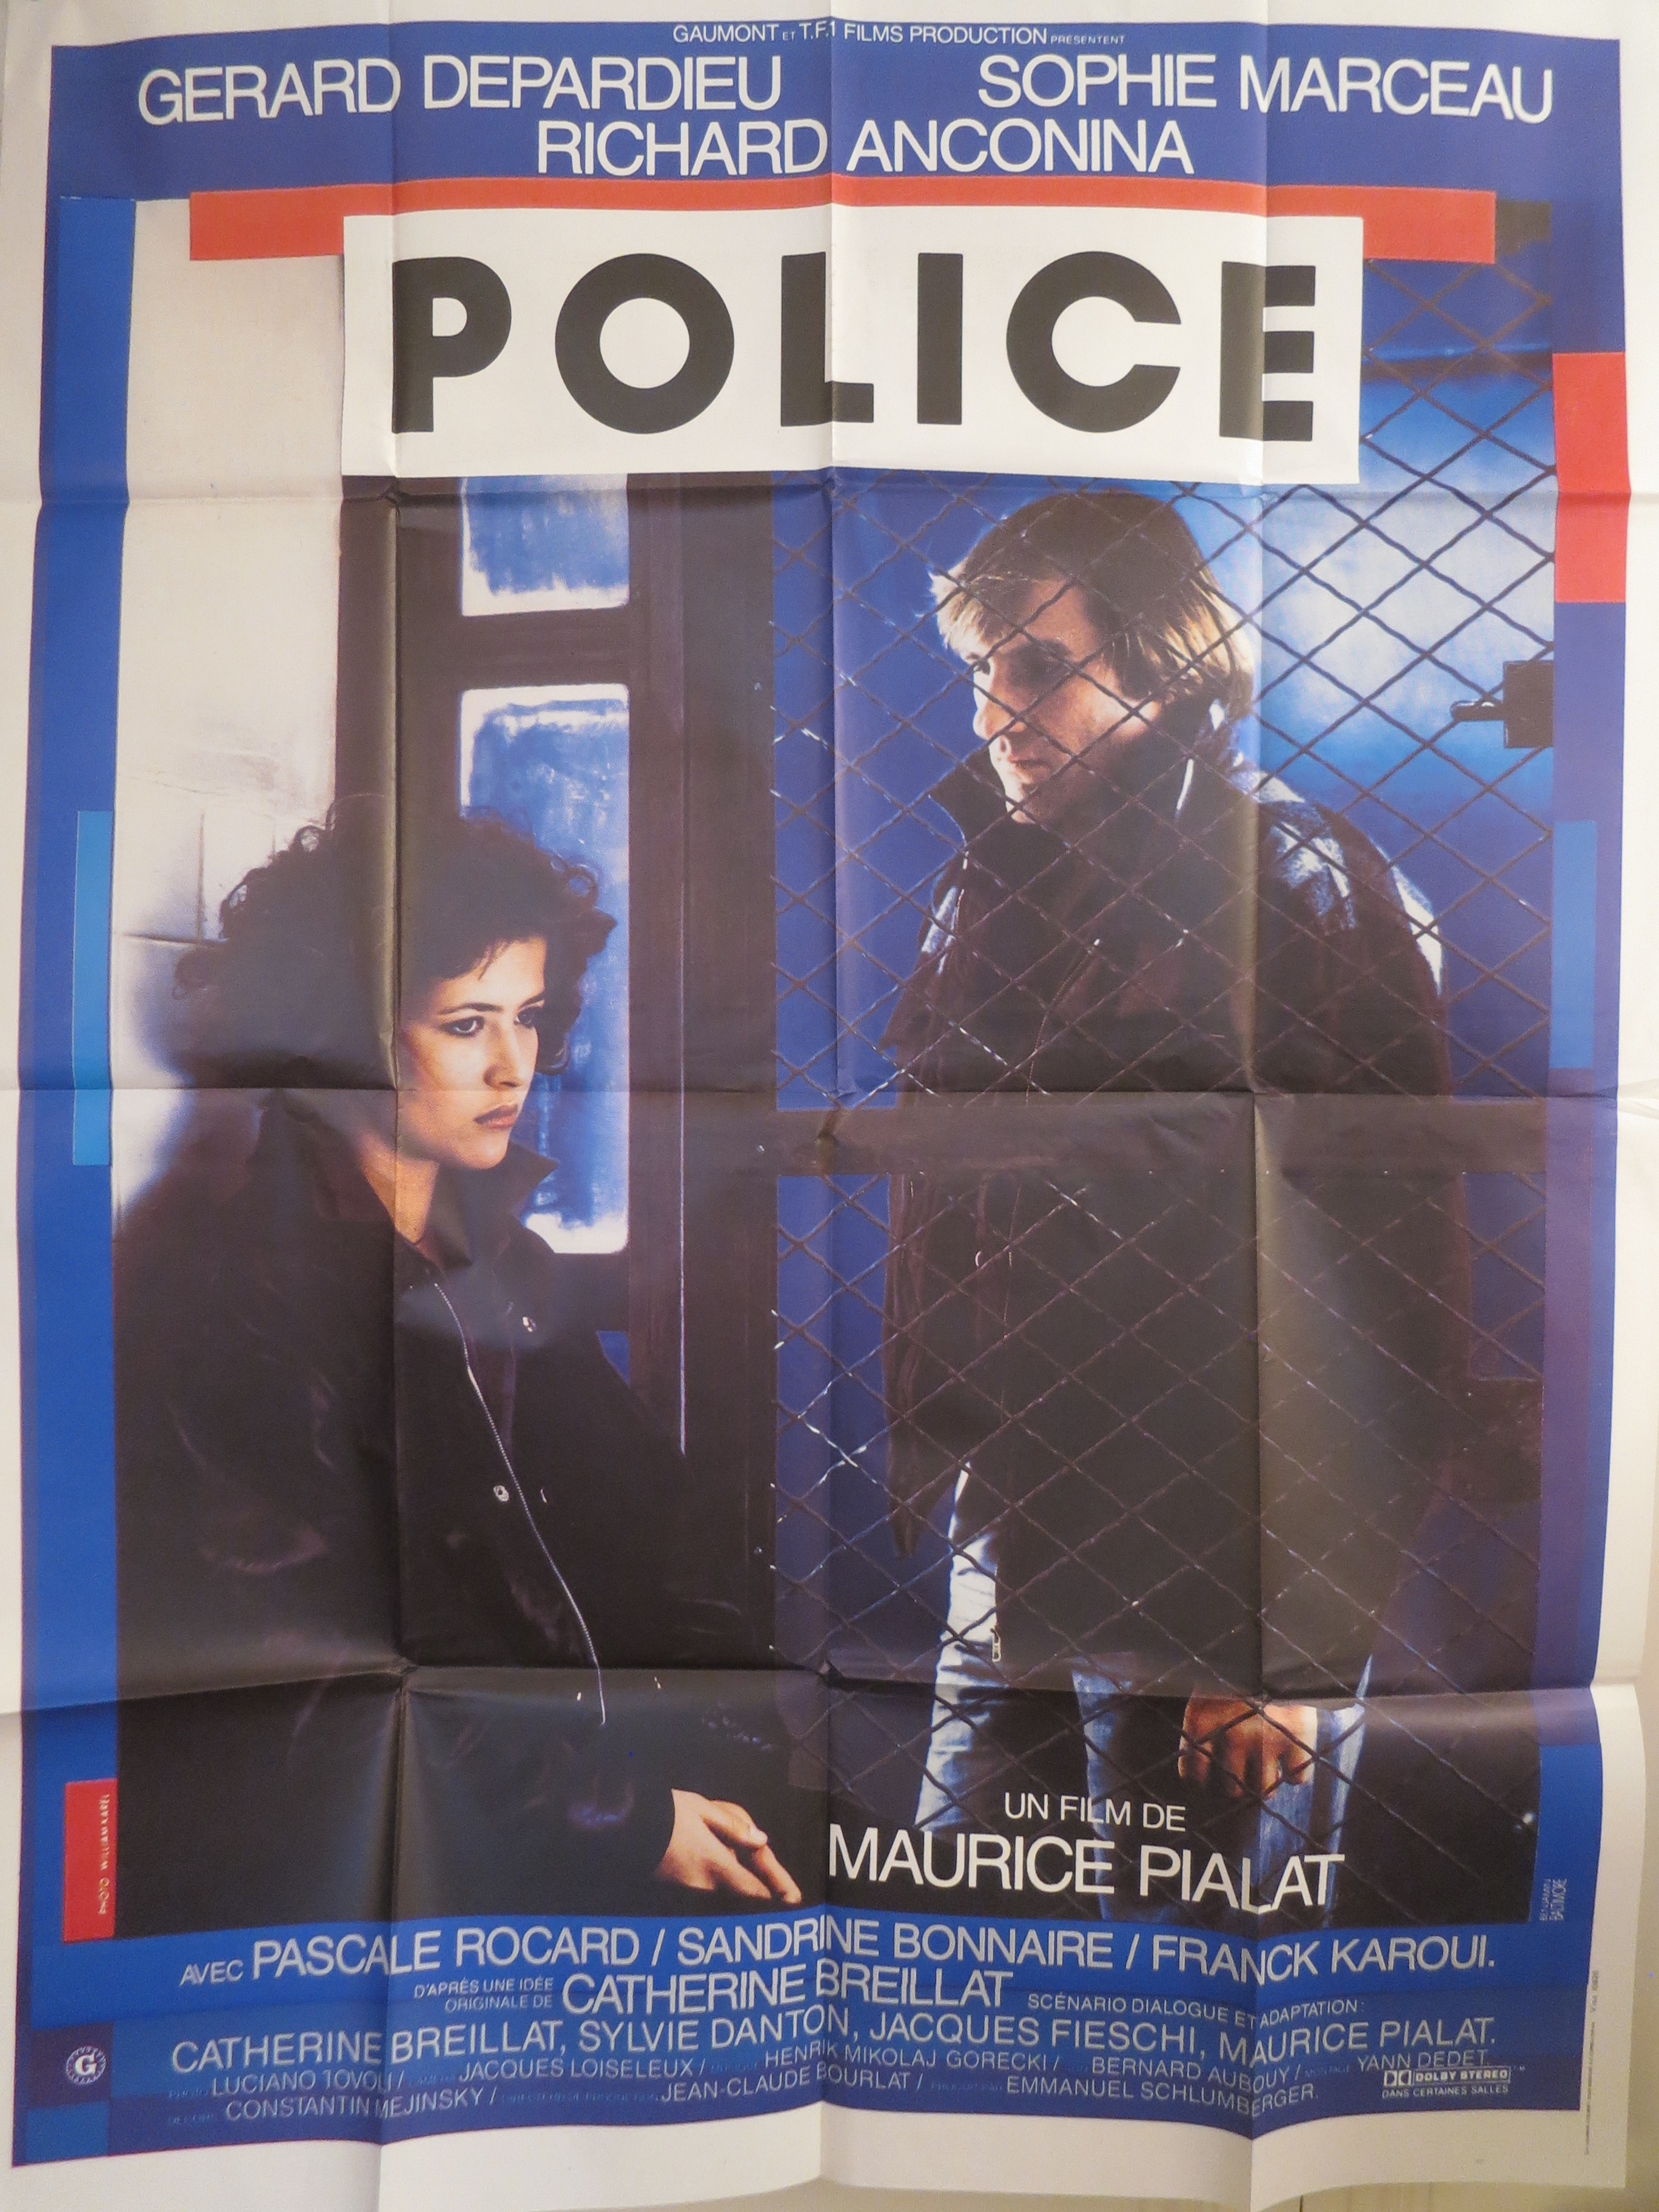 police sophie marceau